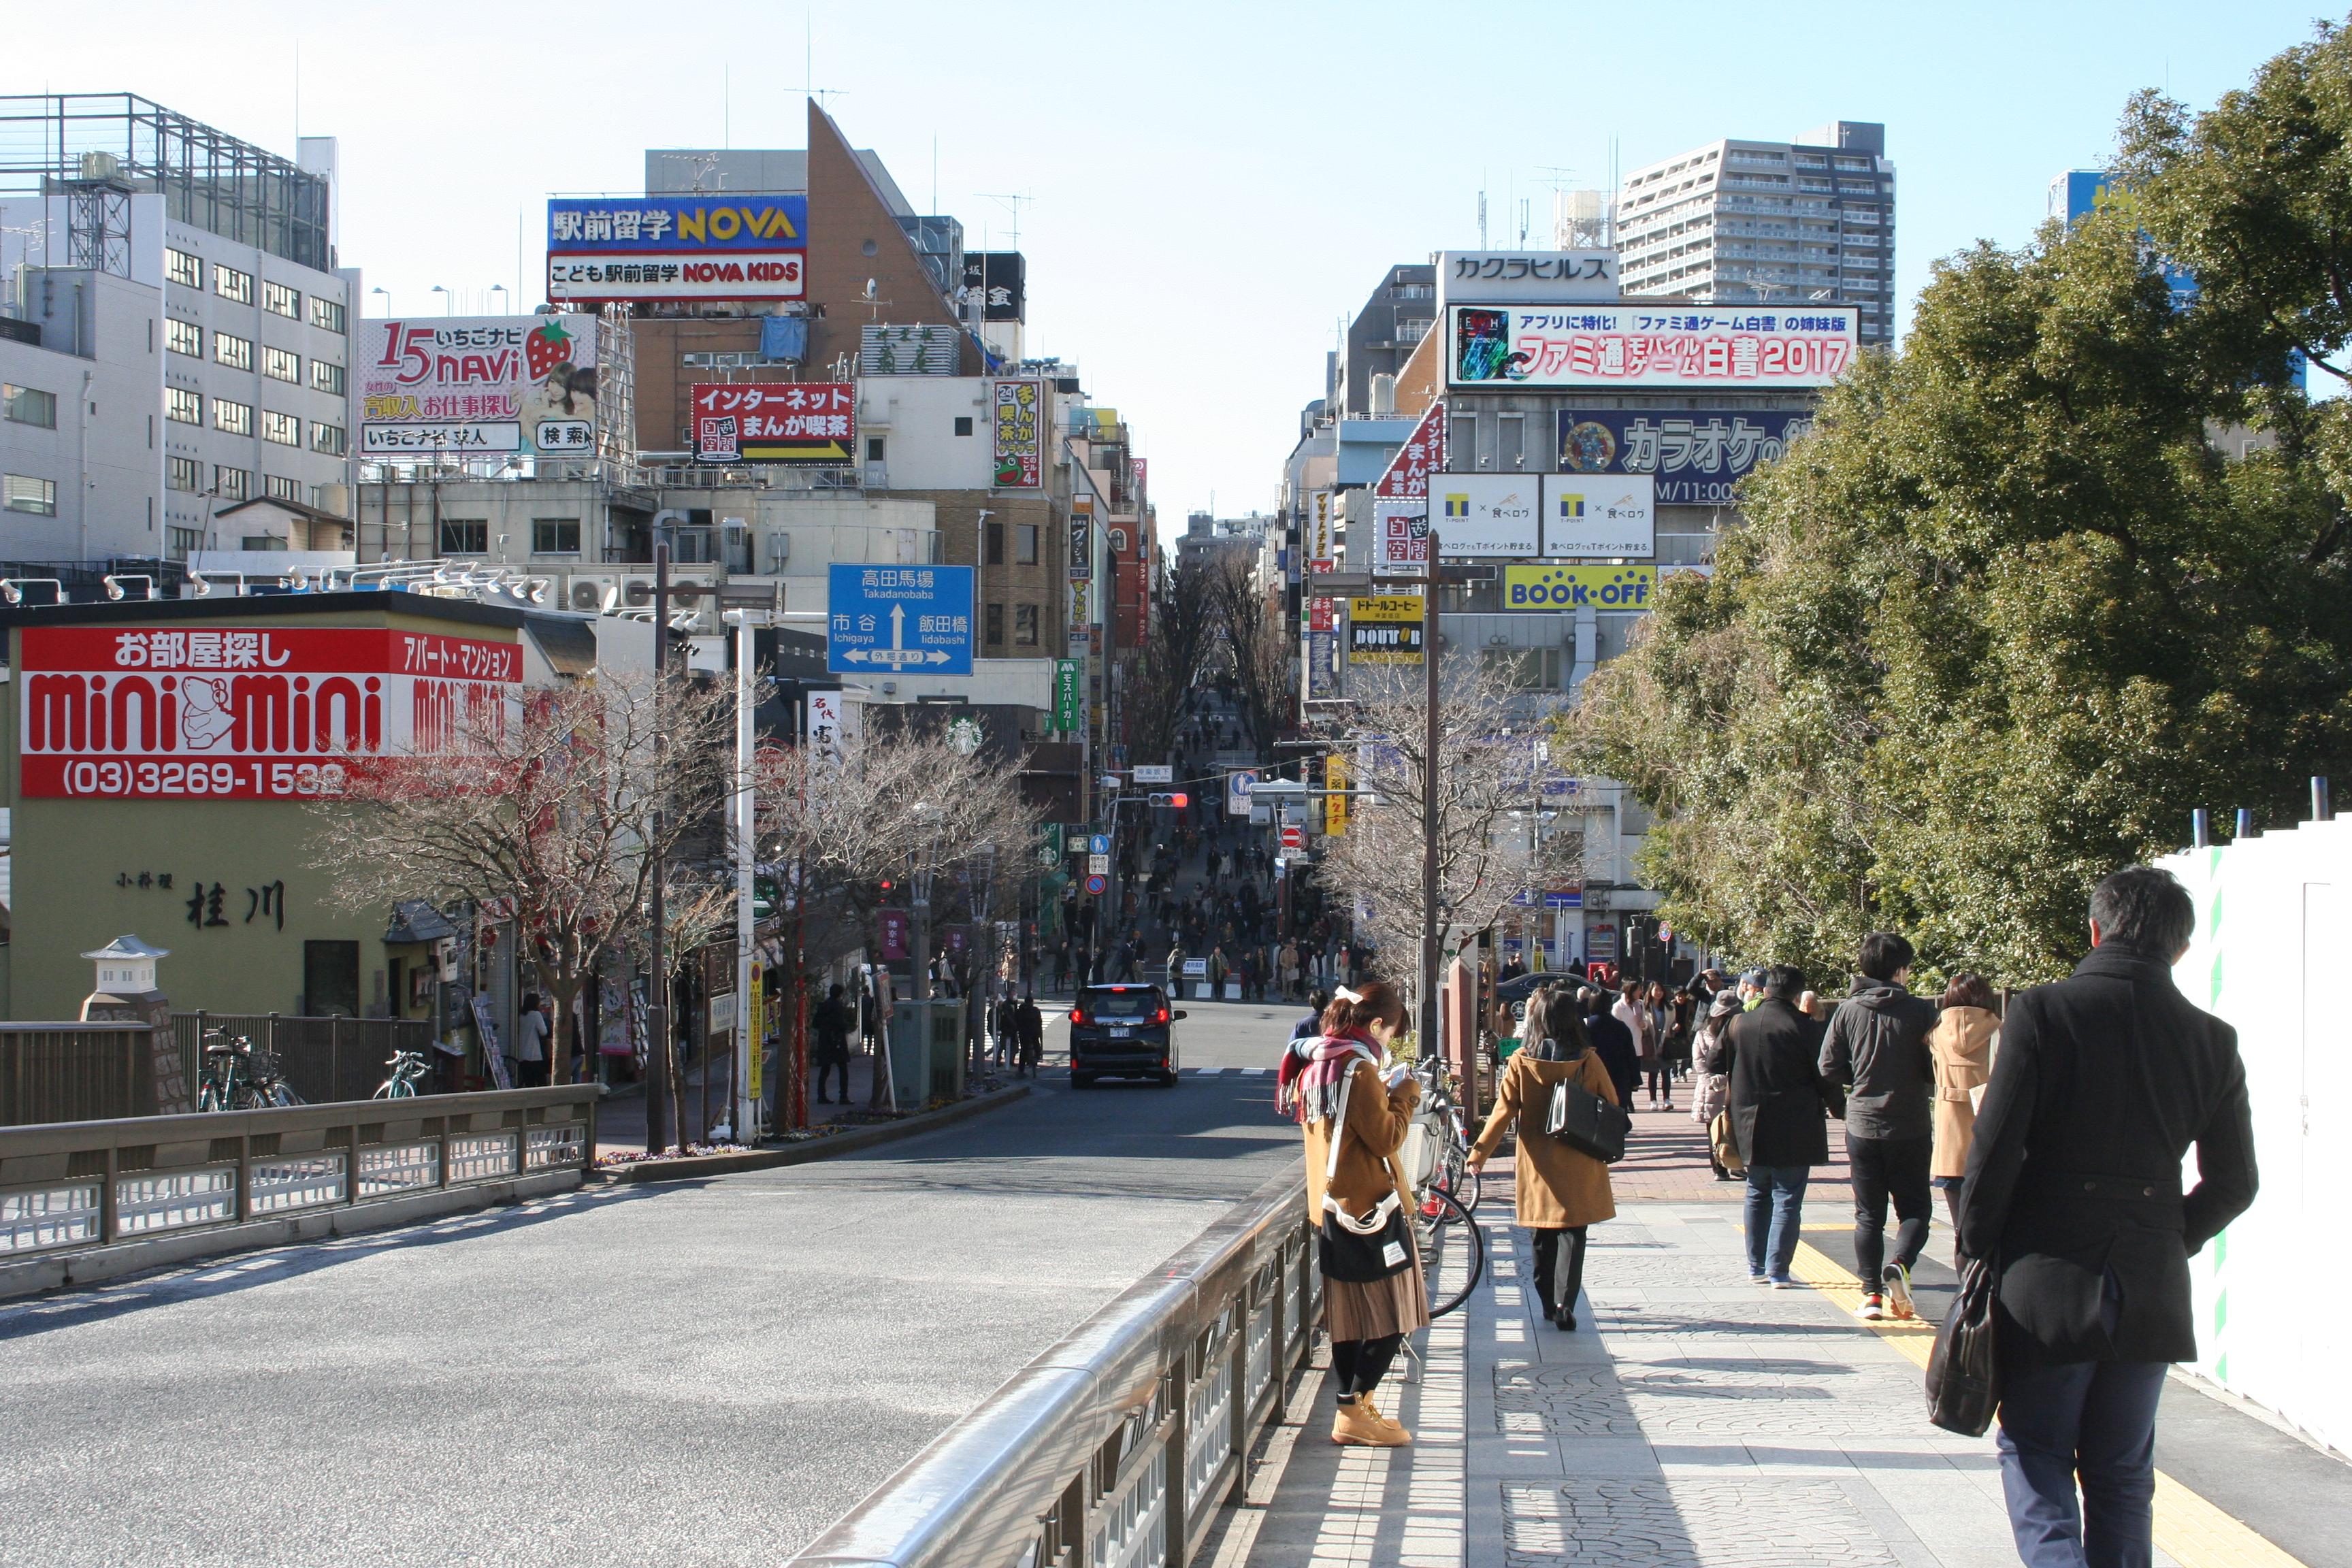 도쿄-카구라자카1